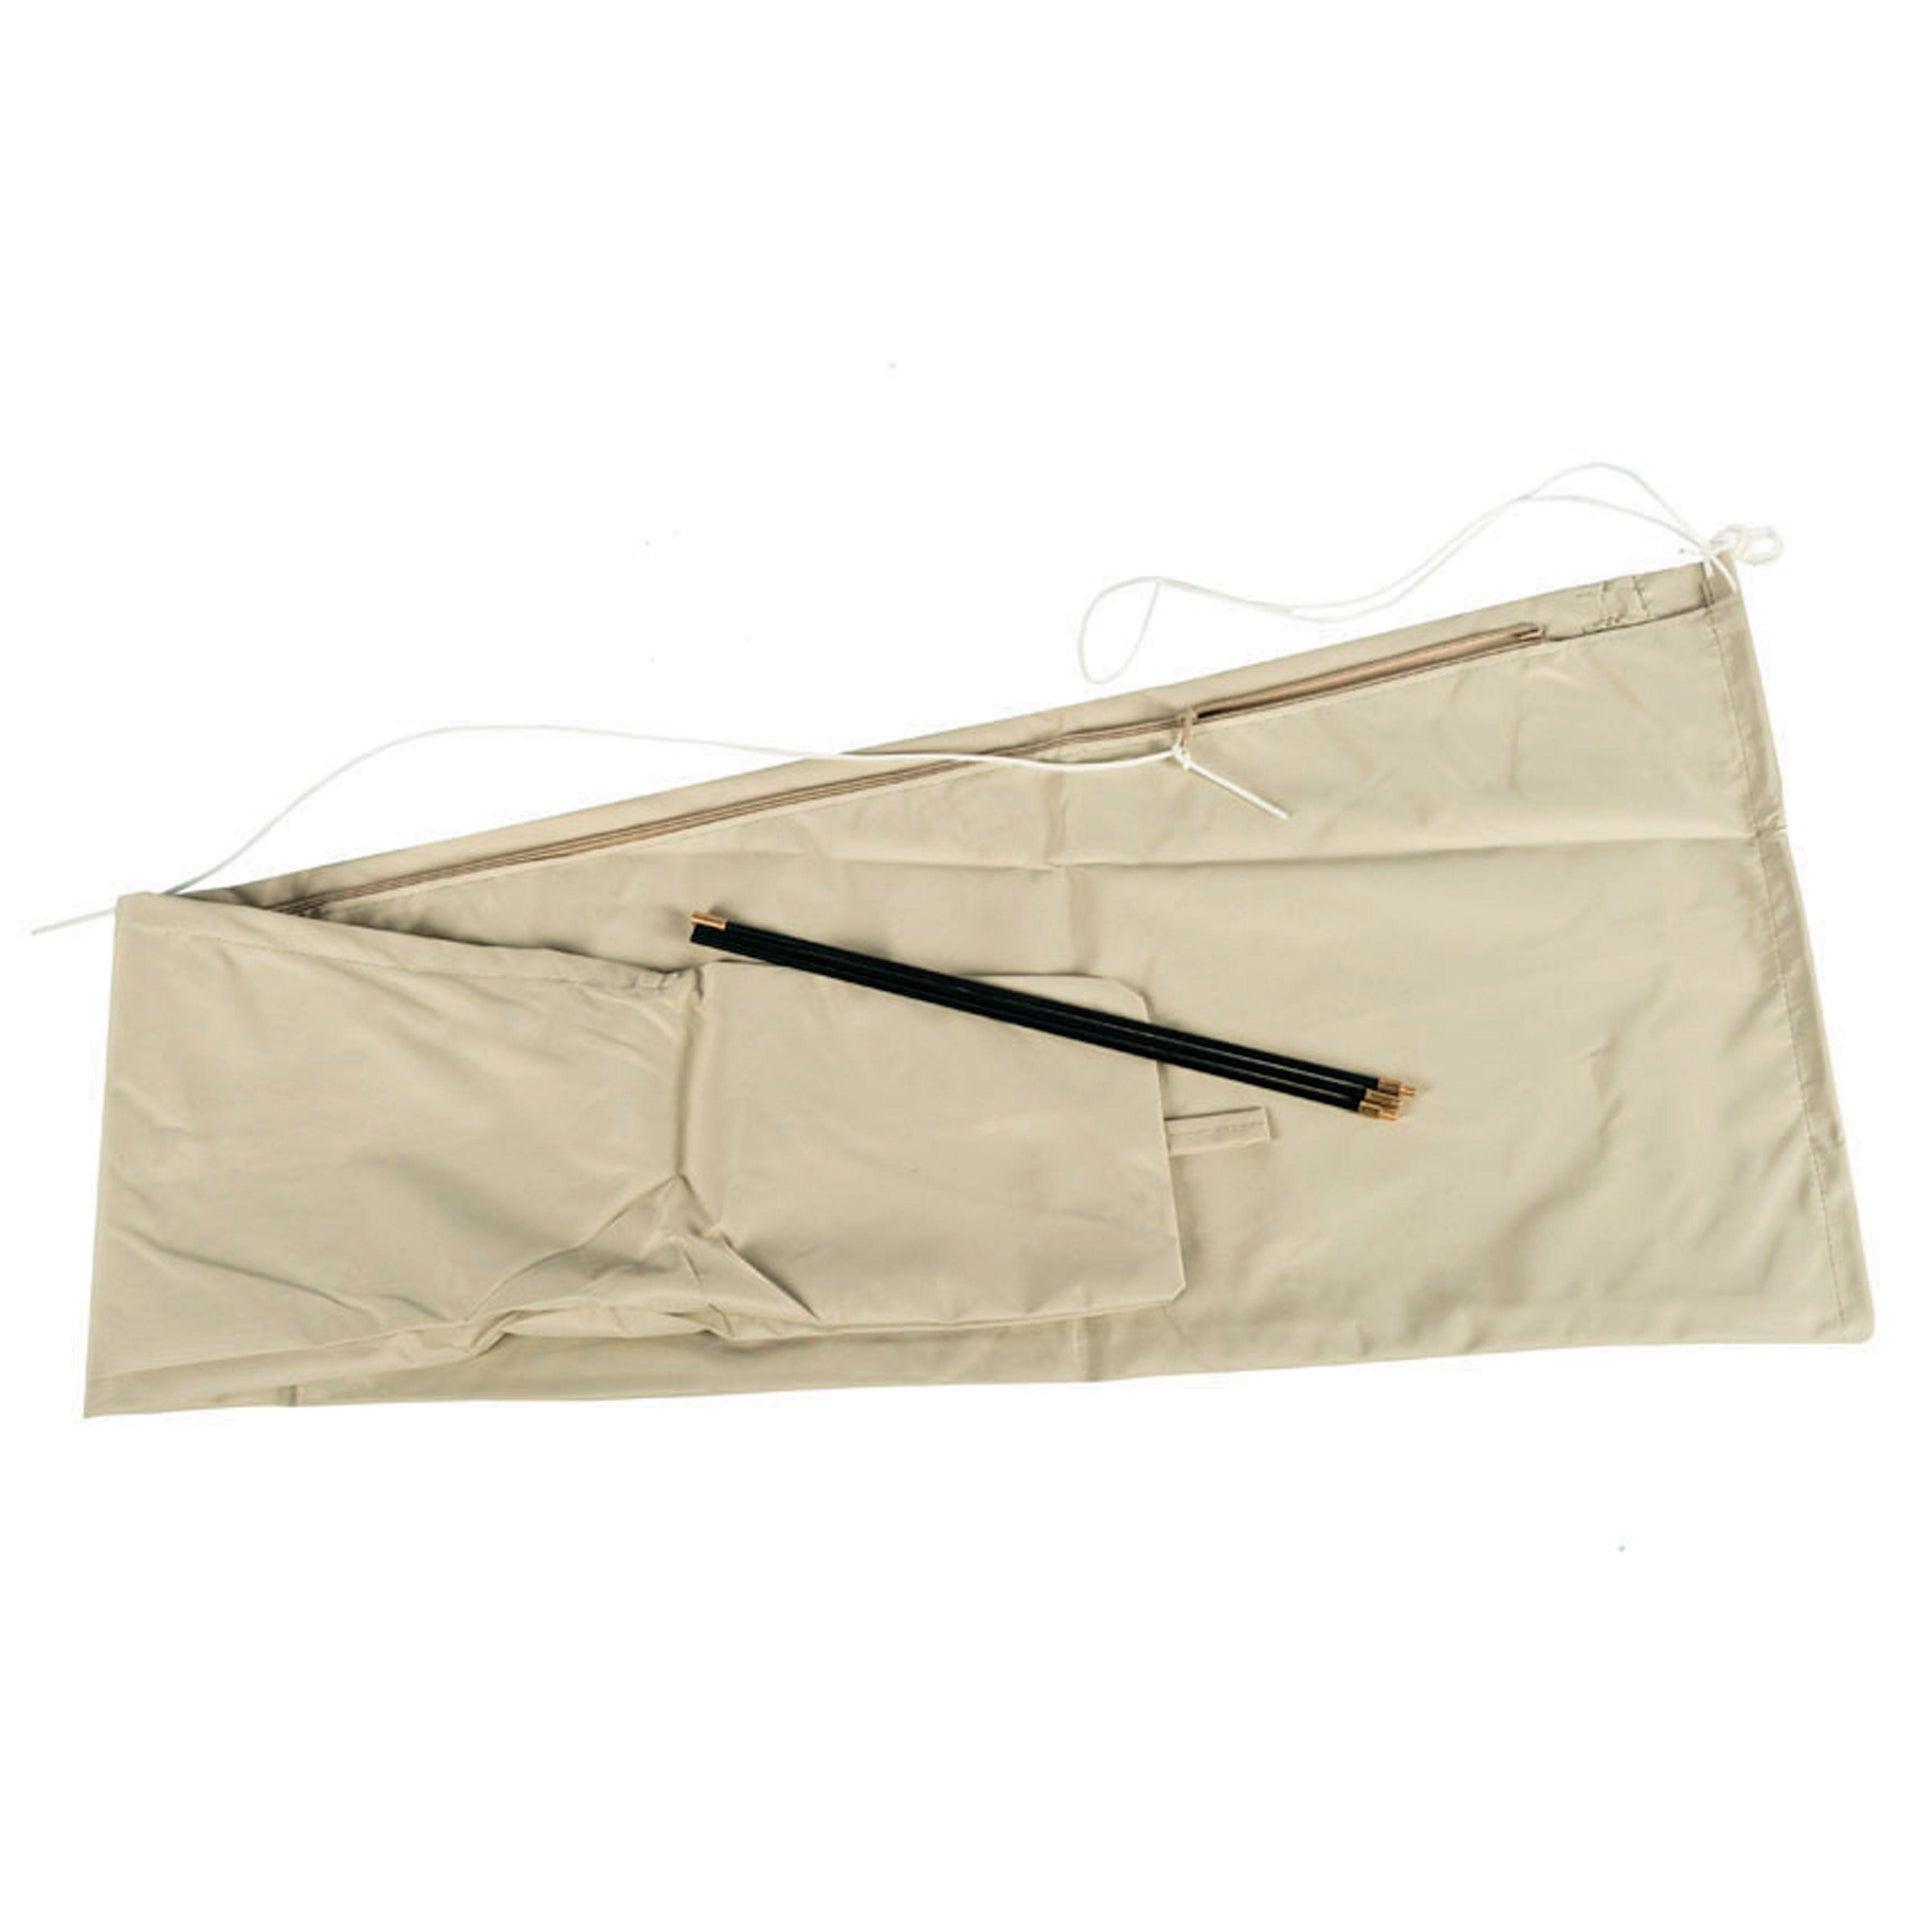 Copertura protettiva per mobili da esterno in poliestere NATERIAL L 22 x P 160 x H 160 cm - 3